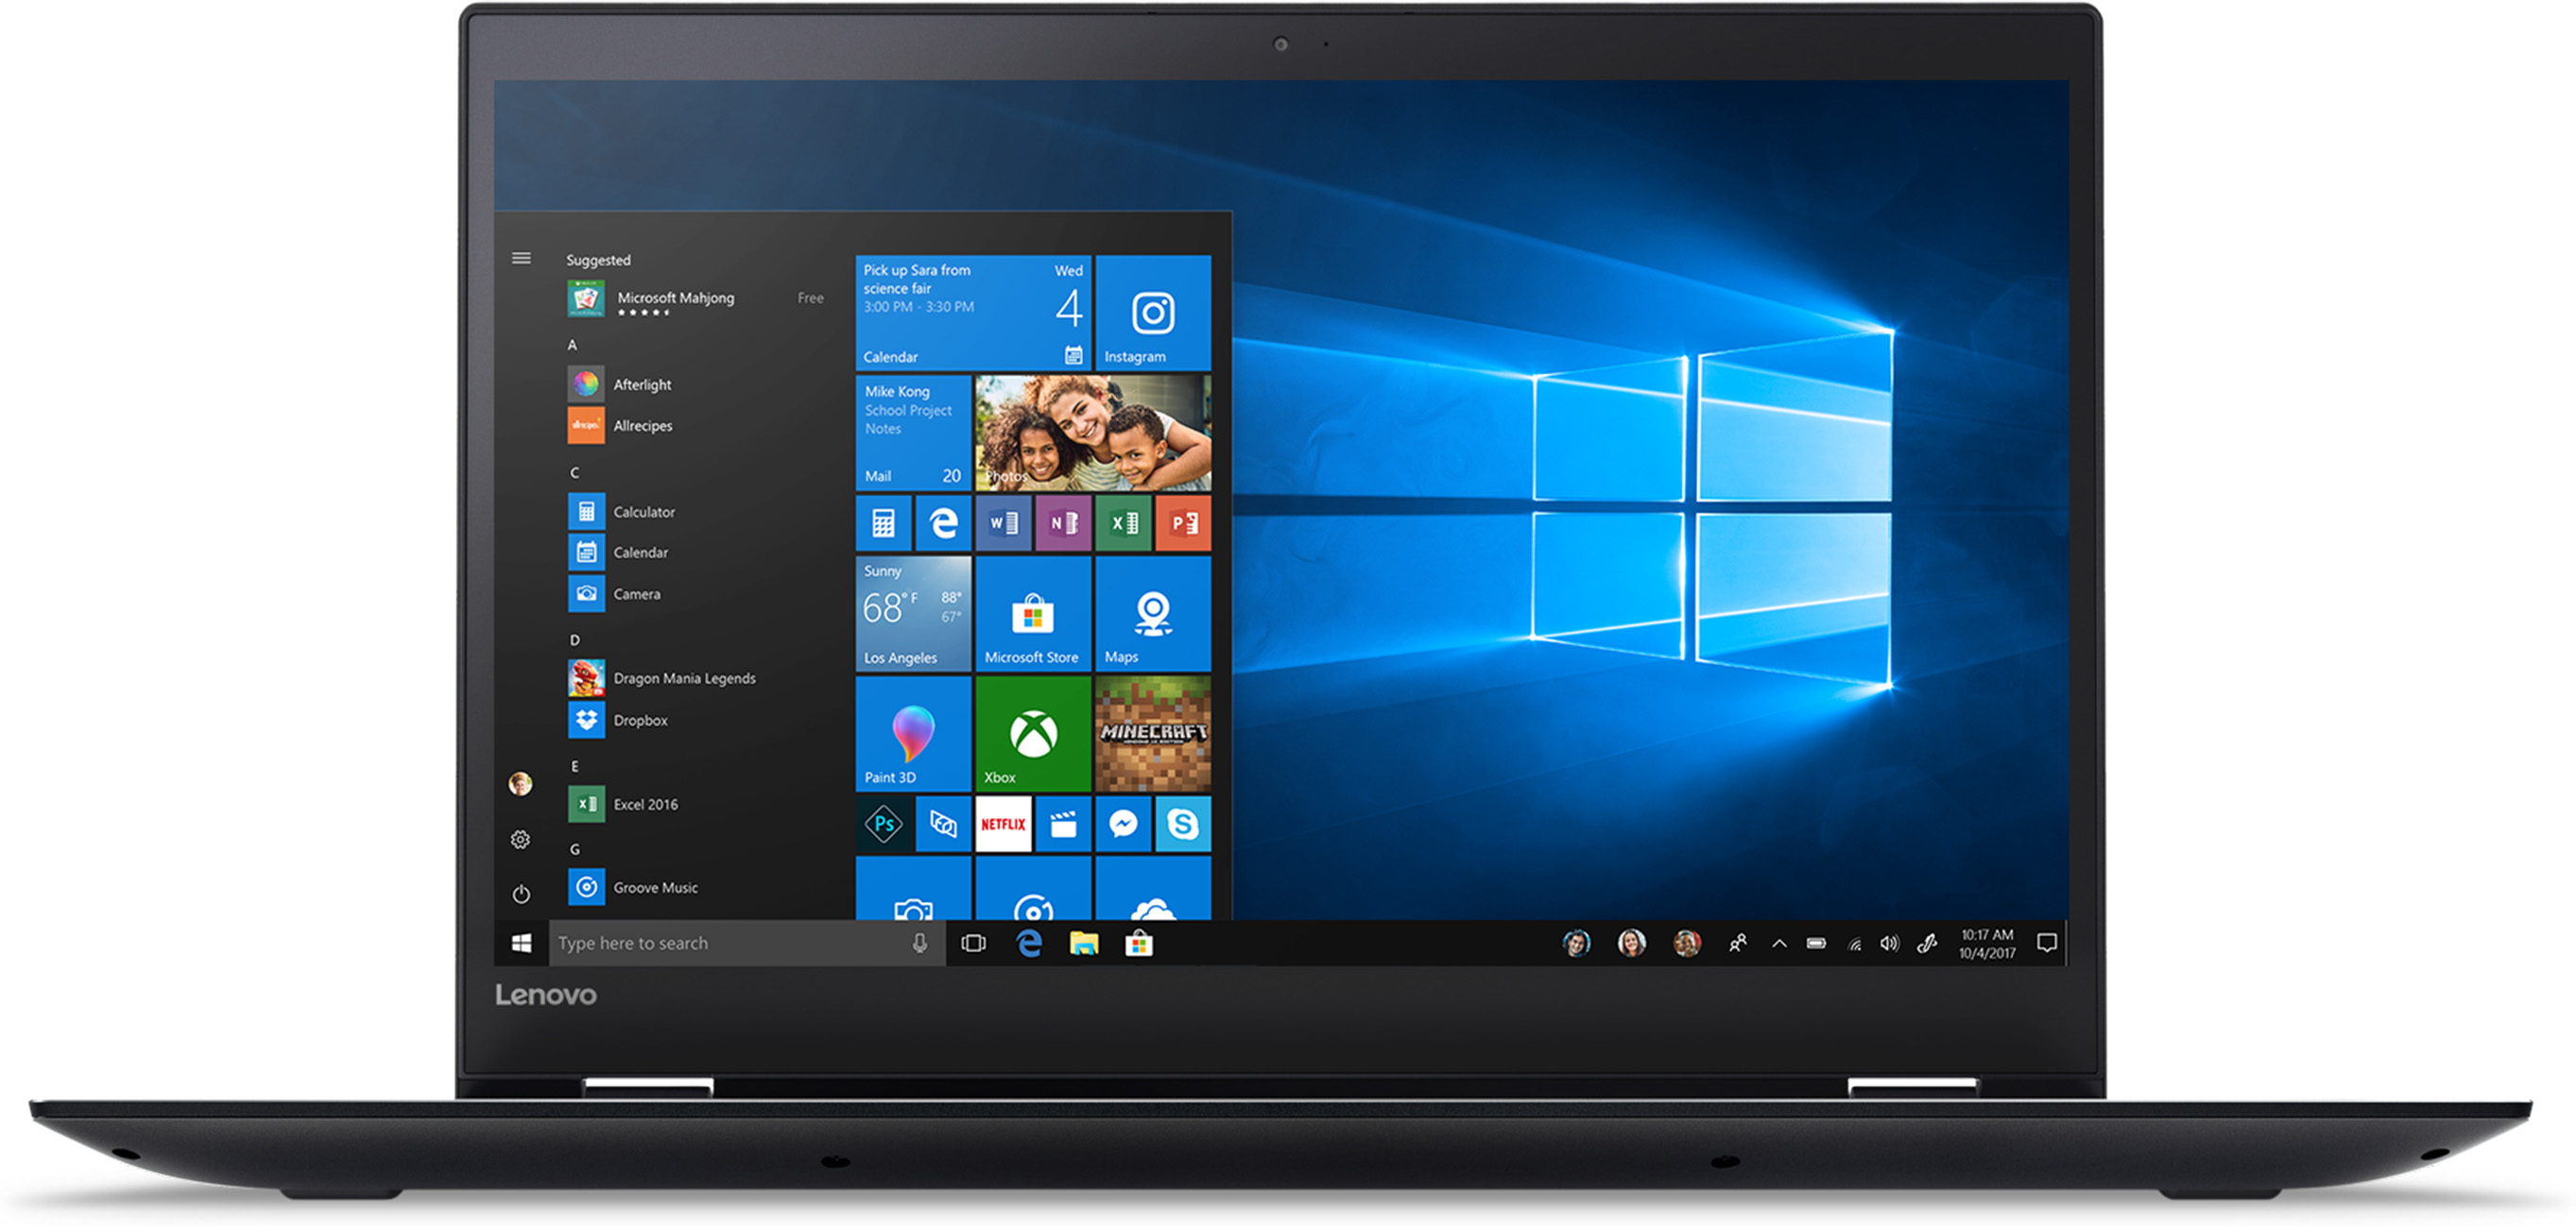 Lenovo Ideapad Flex 5 15 81CA0001US 2 in 1 PC